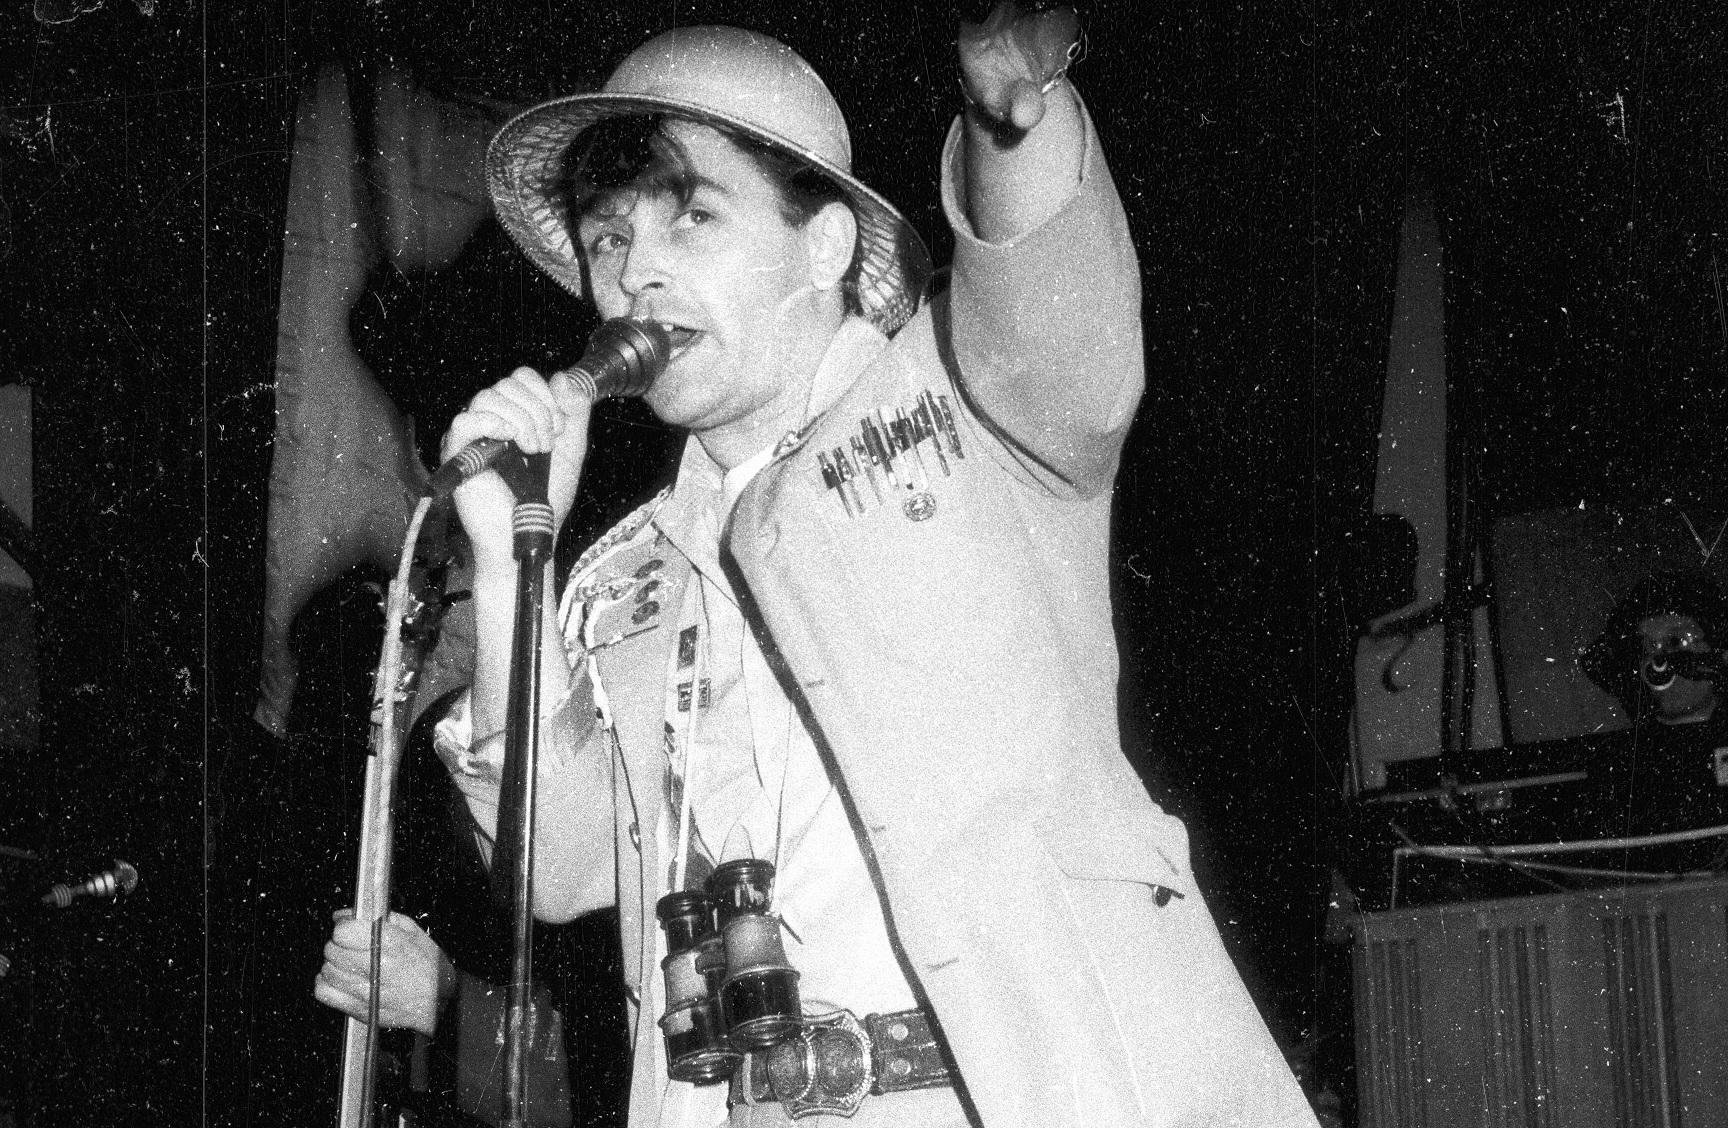 """""""Megtudtam továbbá, hogy vad punk-zenét játszó együttesről van szó"""" – írta 1983-ban egy ügynök az R-Góról"""